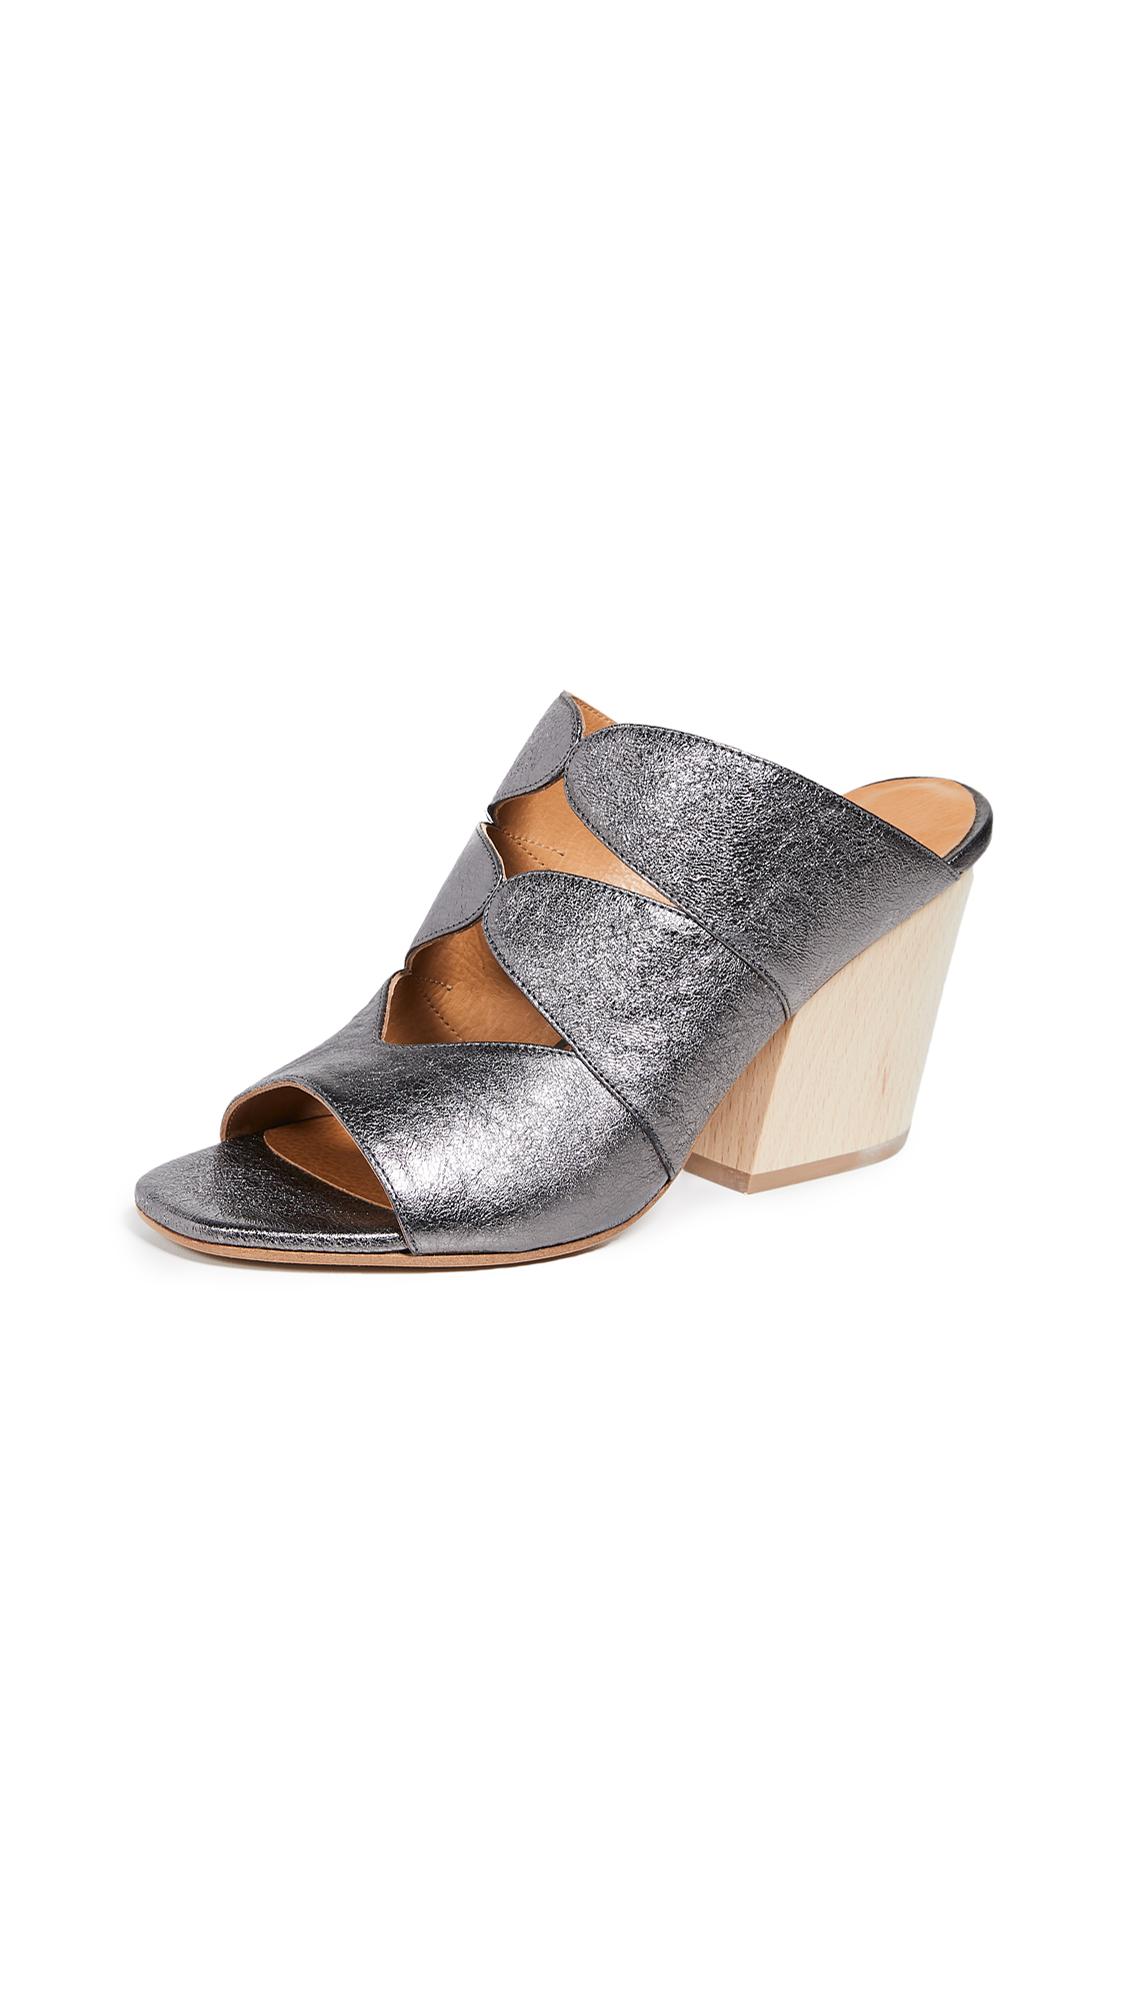 Coclico Shoes Tampico Block Heel Mules - Break Metal Calcita